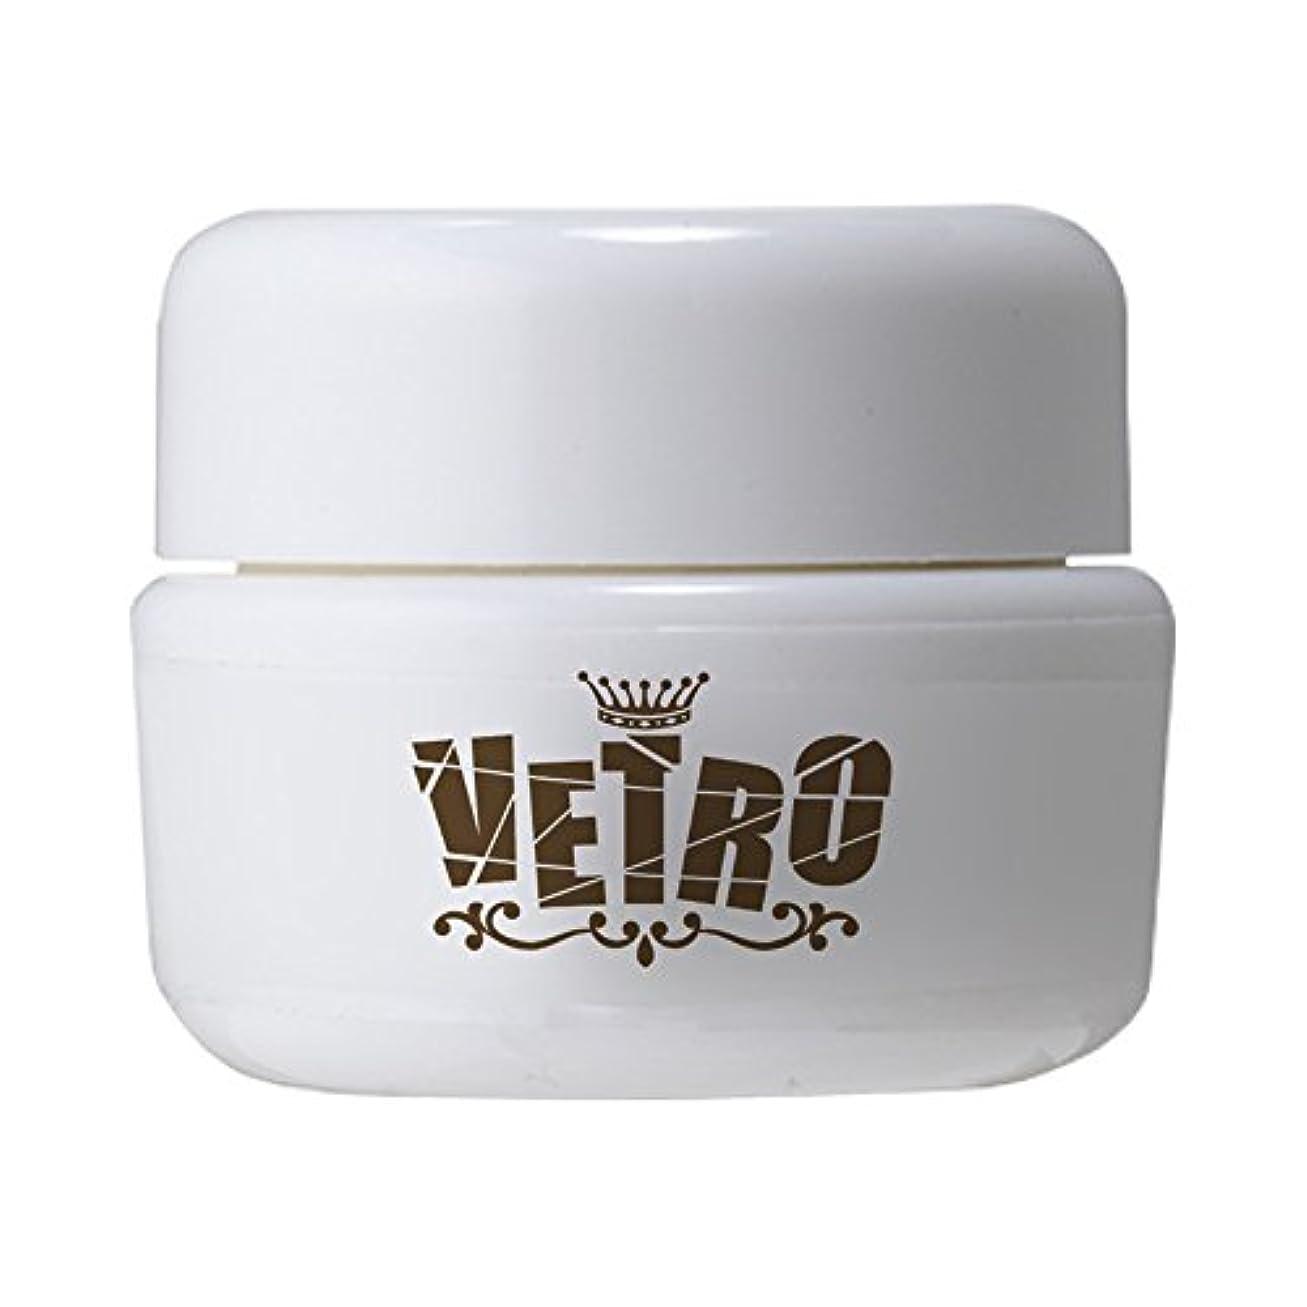 正直著名な損傷VETRO カラージェル VL304 フェアリーブルー 4ml テクスチャー:ソフト パール?シアー UV/LED対応